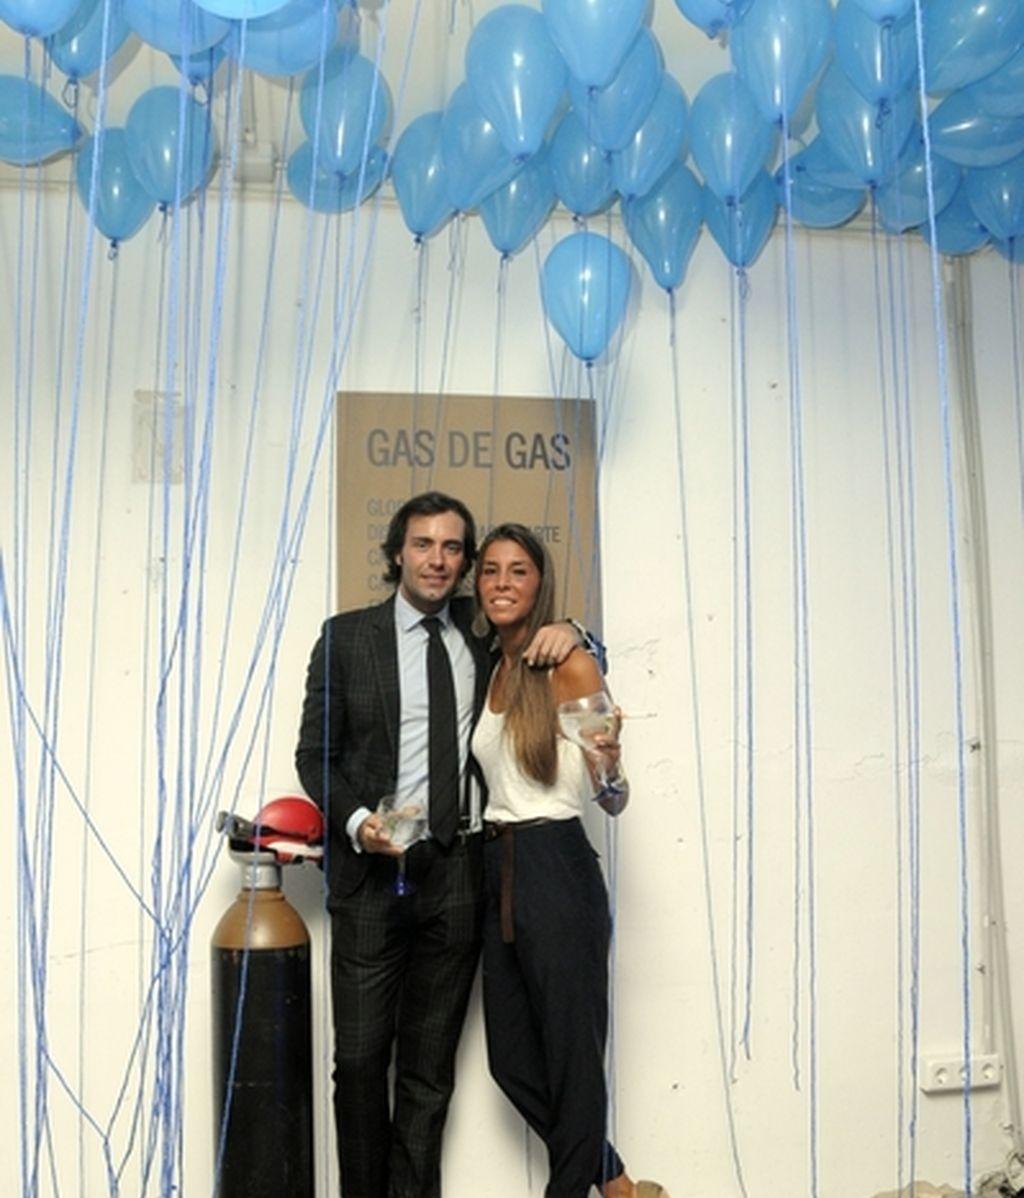 Alejo Sauras, Blanca Suárez y David Delfín, en la noche más azul